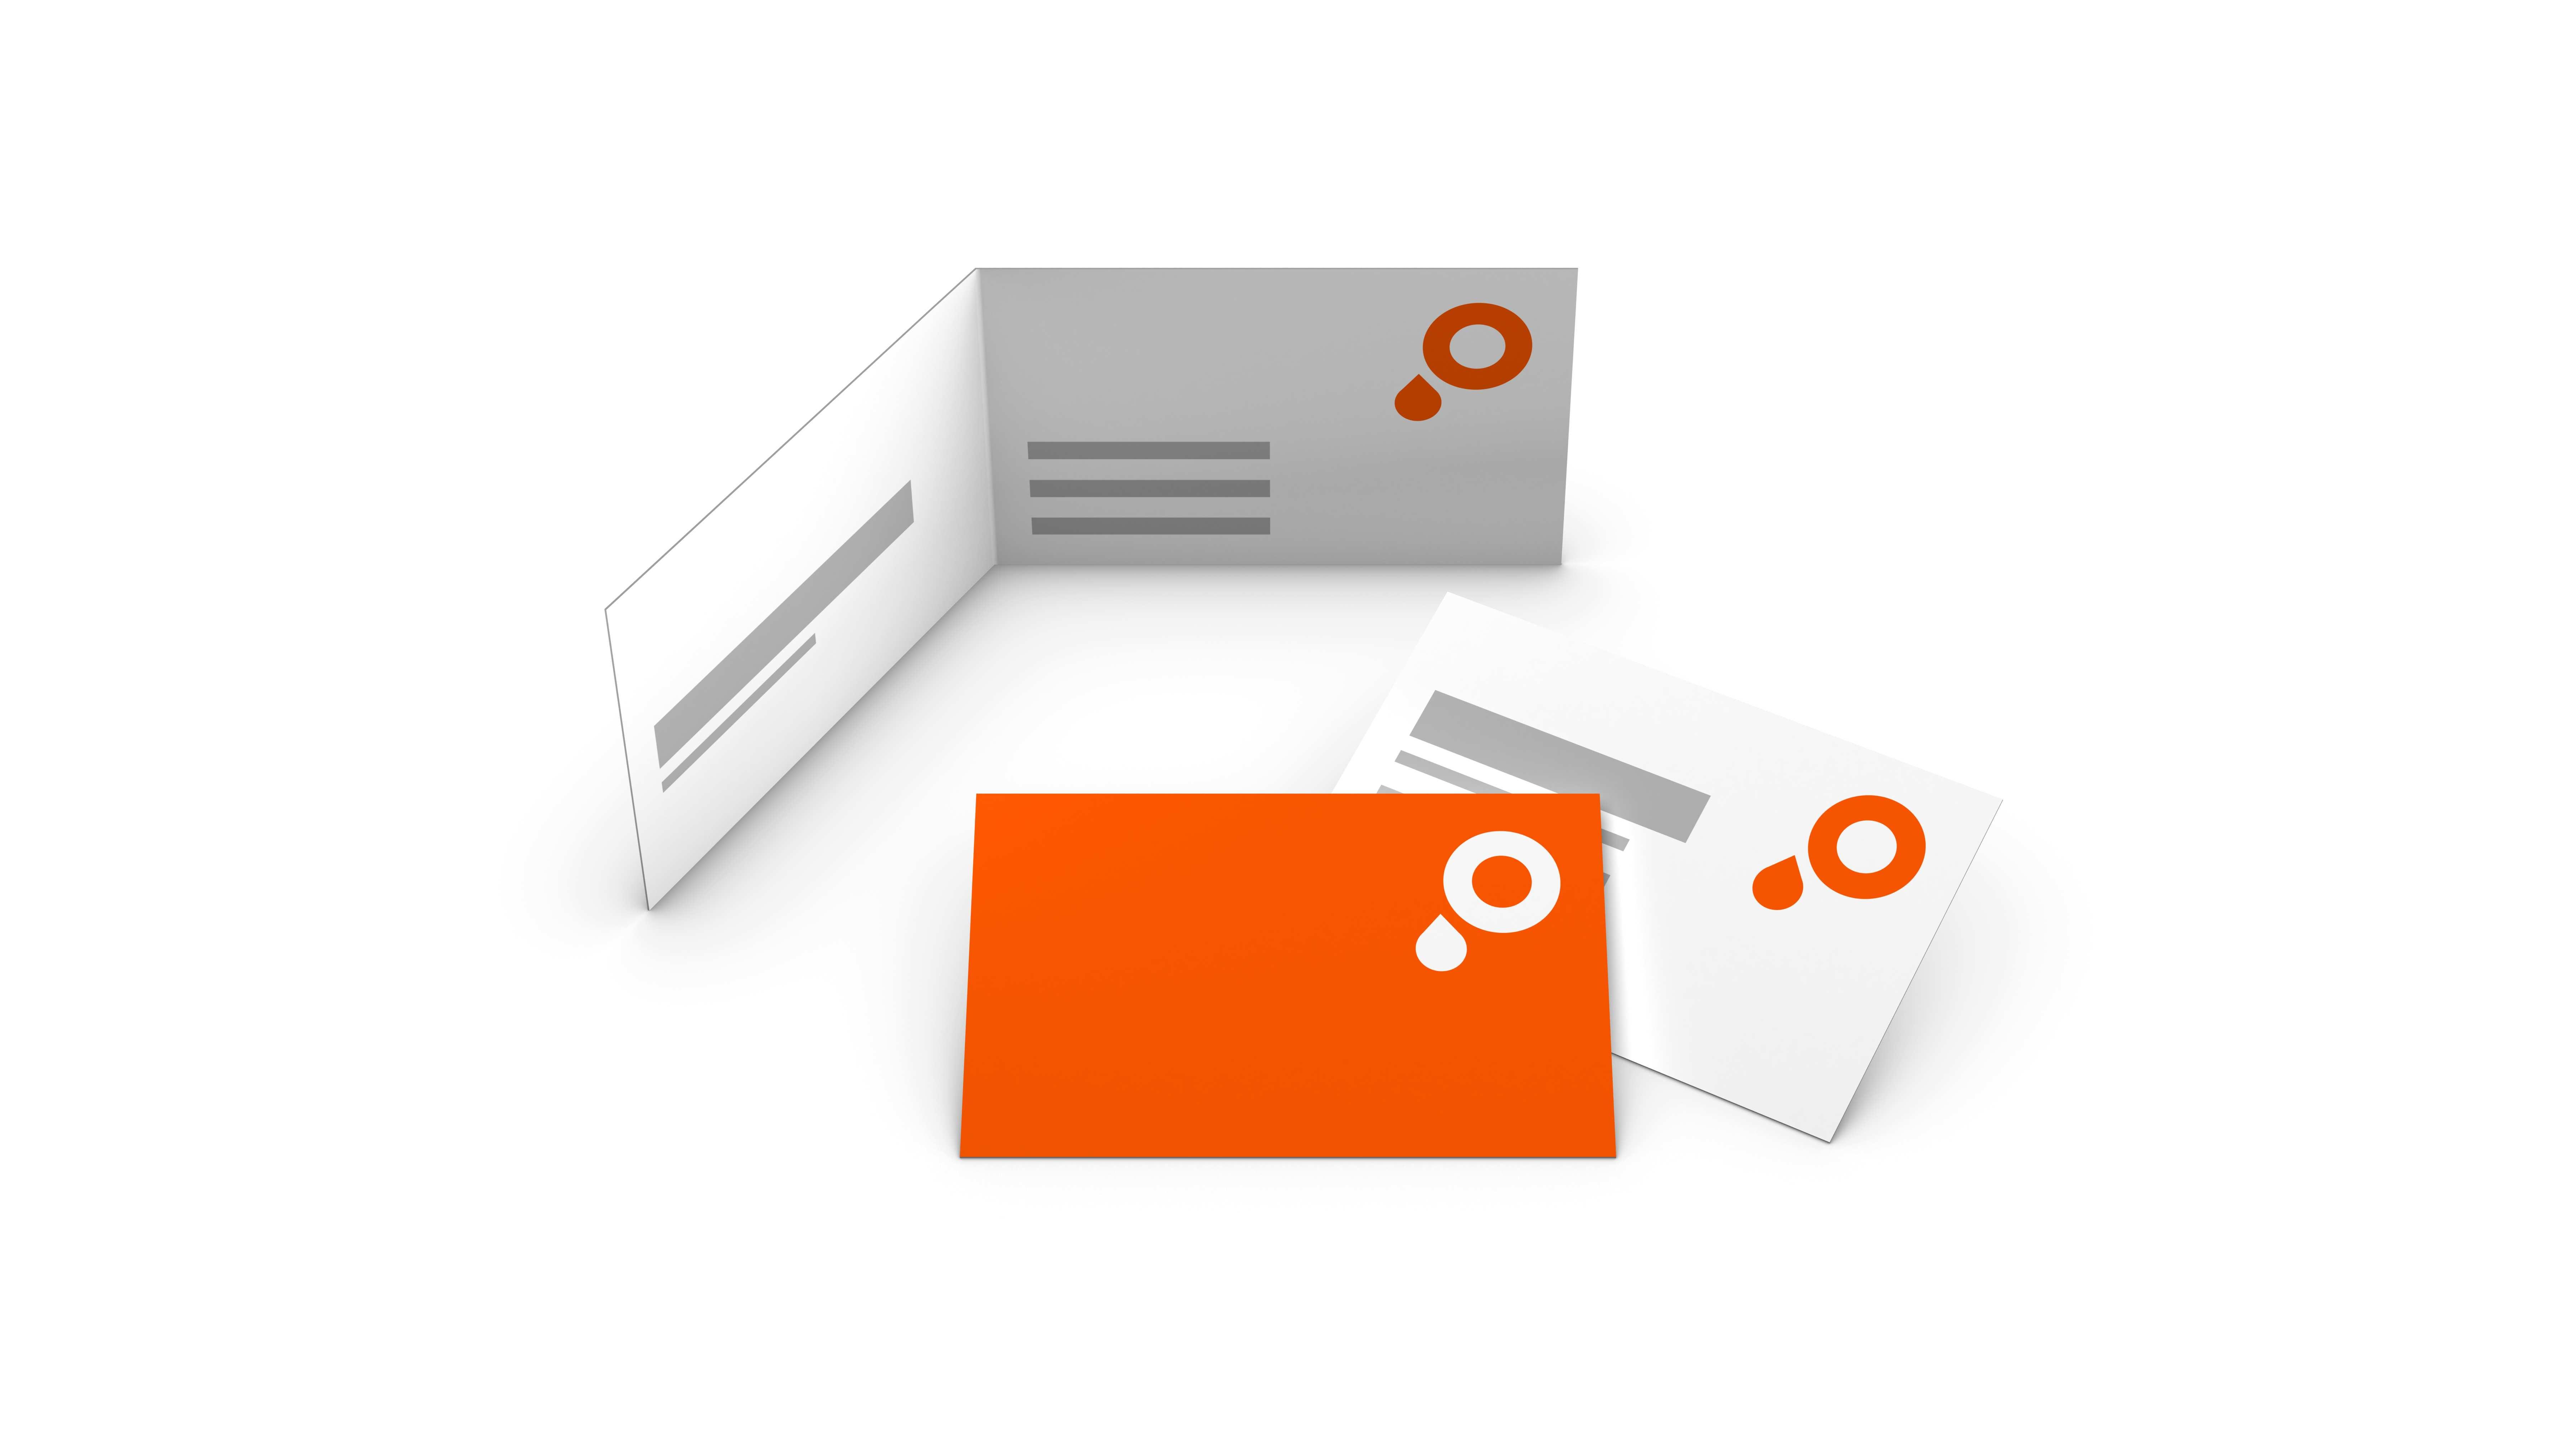 53 Adding Business Card Design Online Uk PSD File with Business Card Design Online Uk